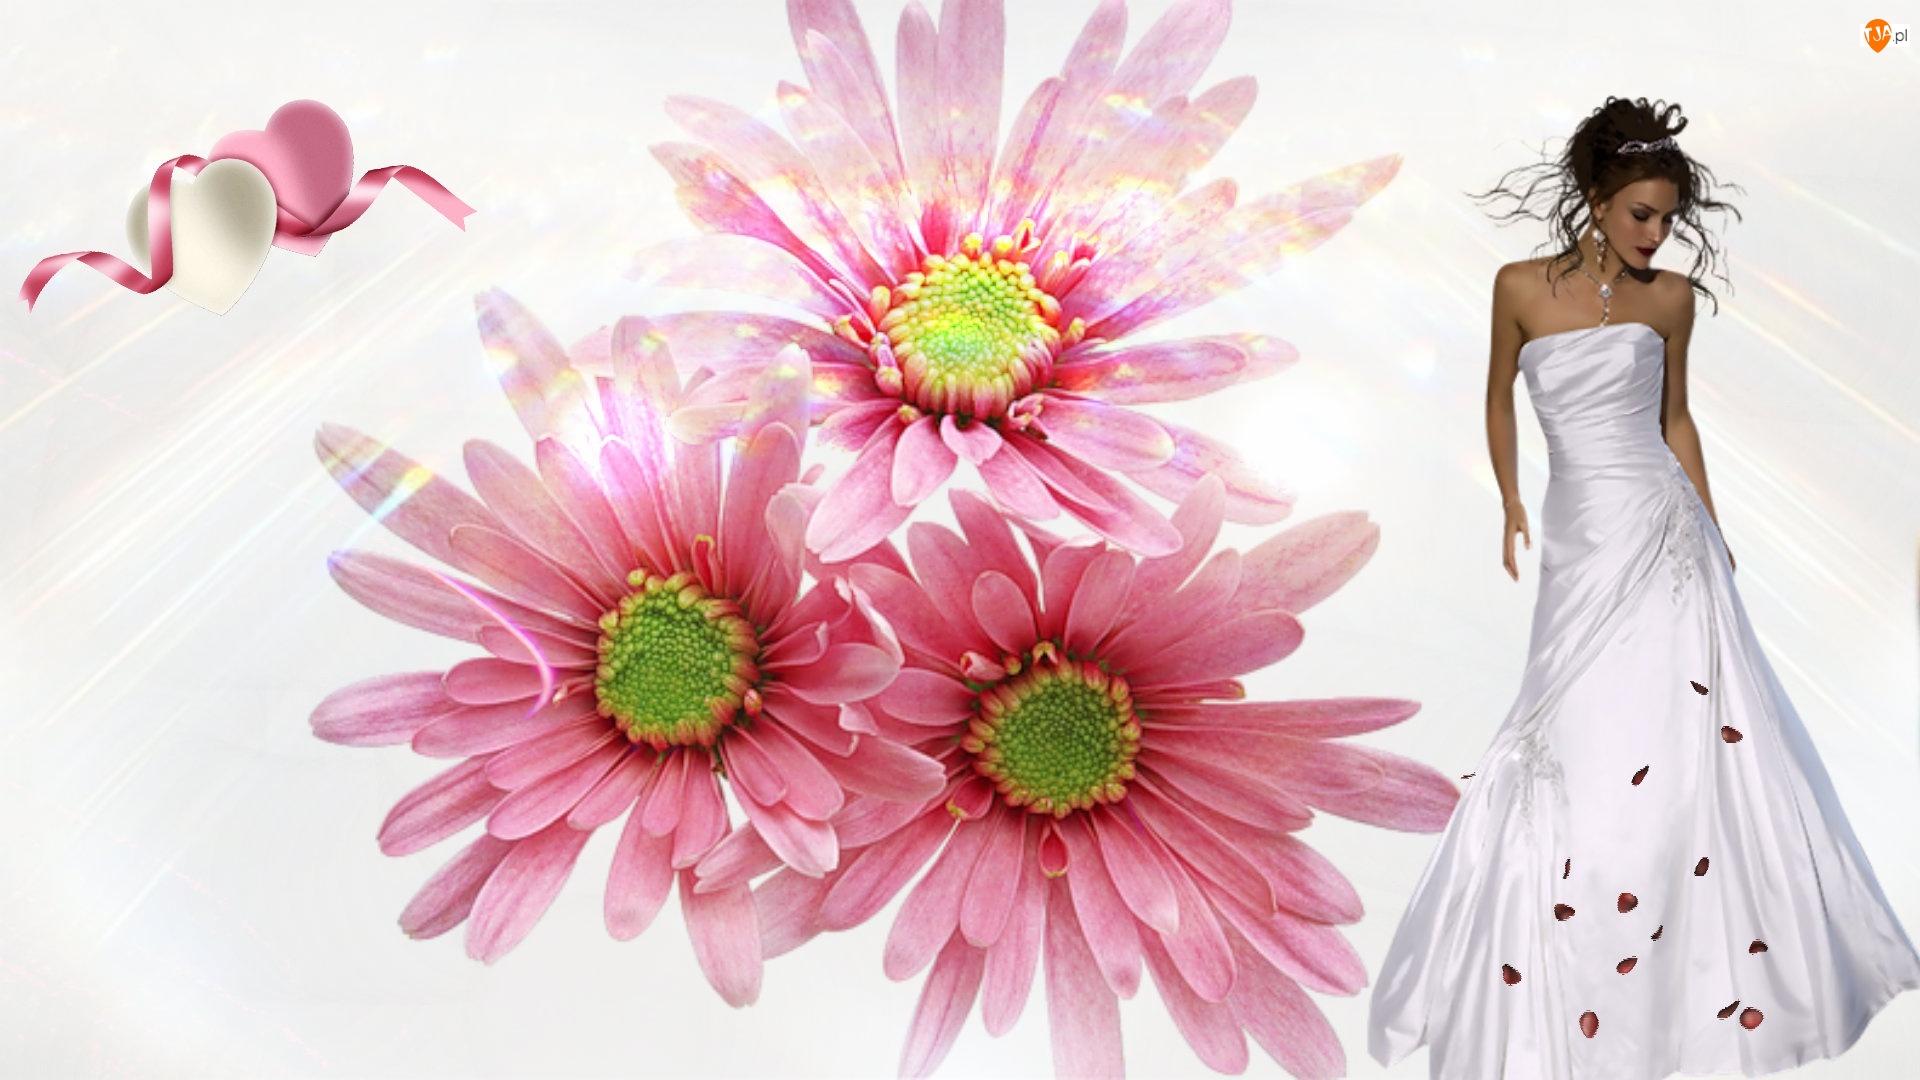 Serca Kobieta, Kwiaty, Dziewczyna